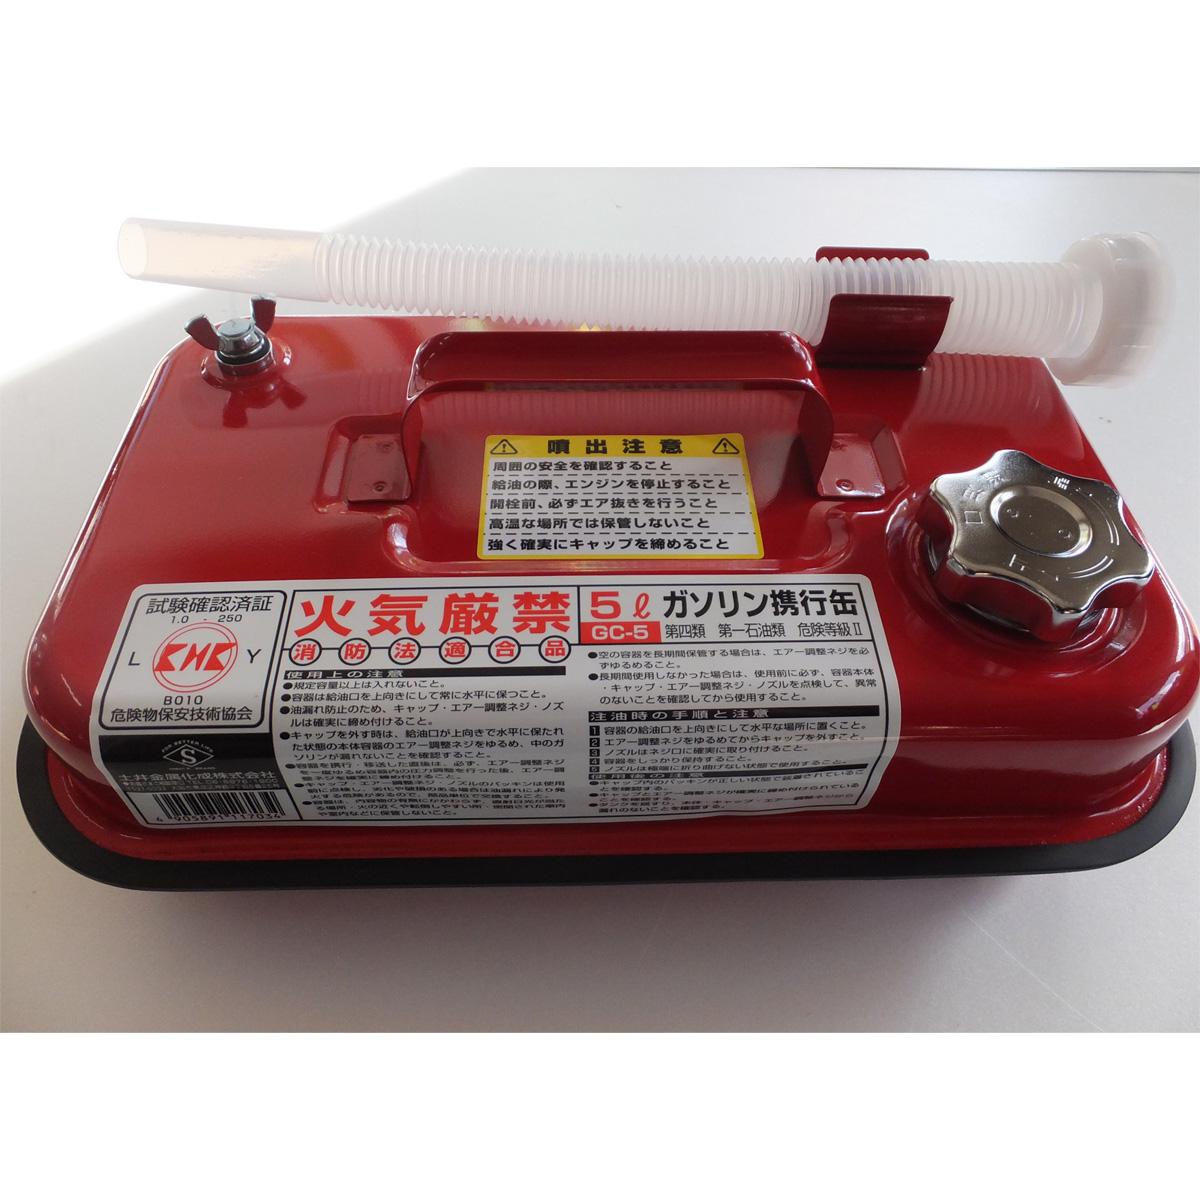 ガソリン携行缶5L(安心安全の日本製) 寄附金額12,000円(岐阜県七宗町)